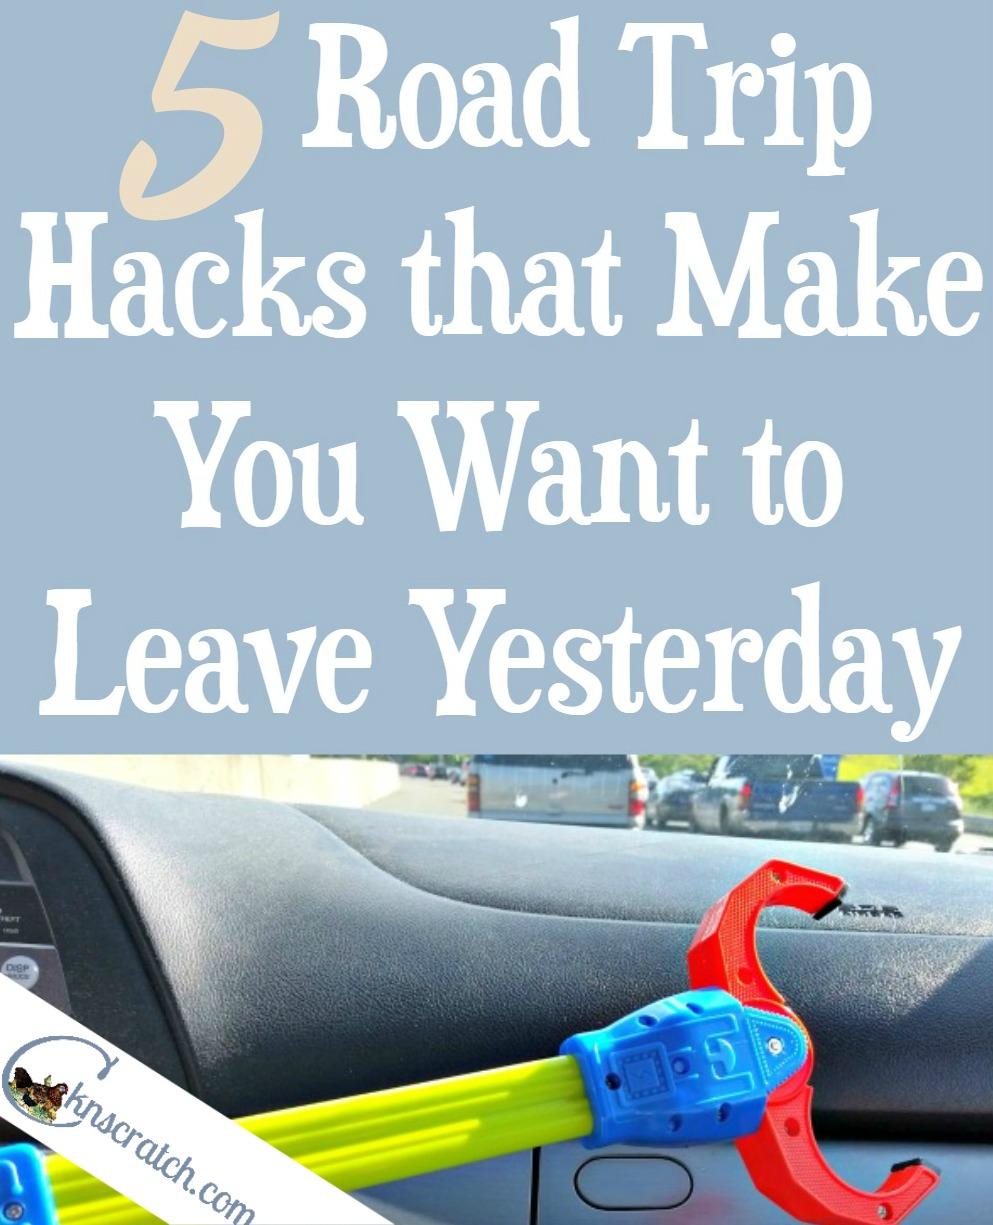 5 road trip hacks